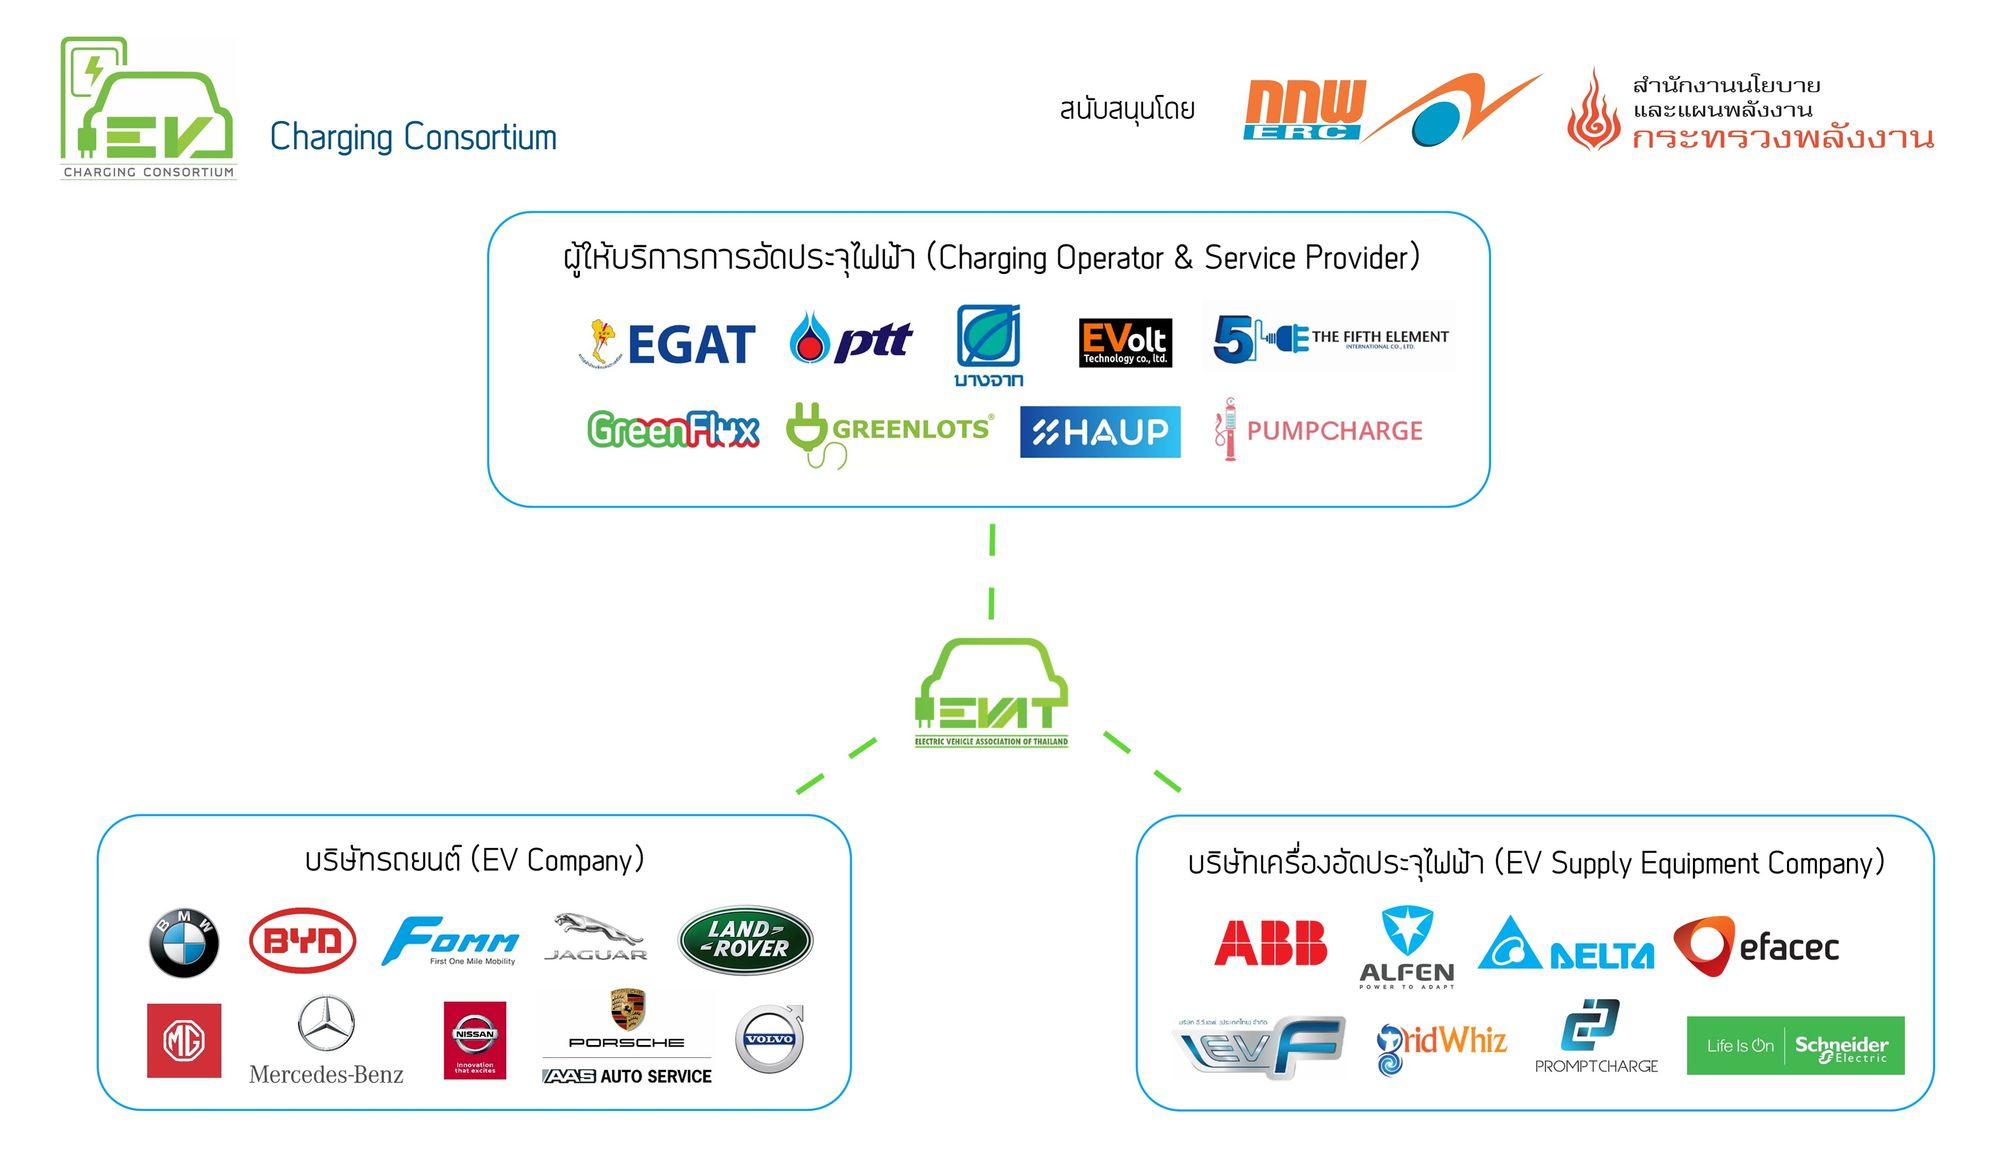 EVAT Charging Consortium